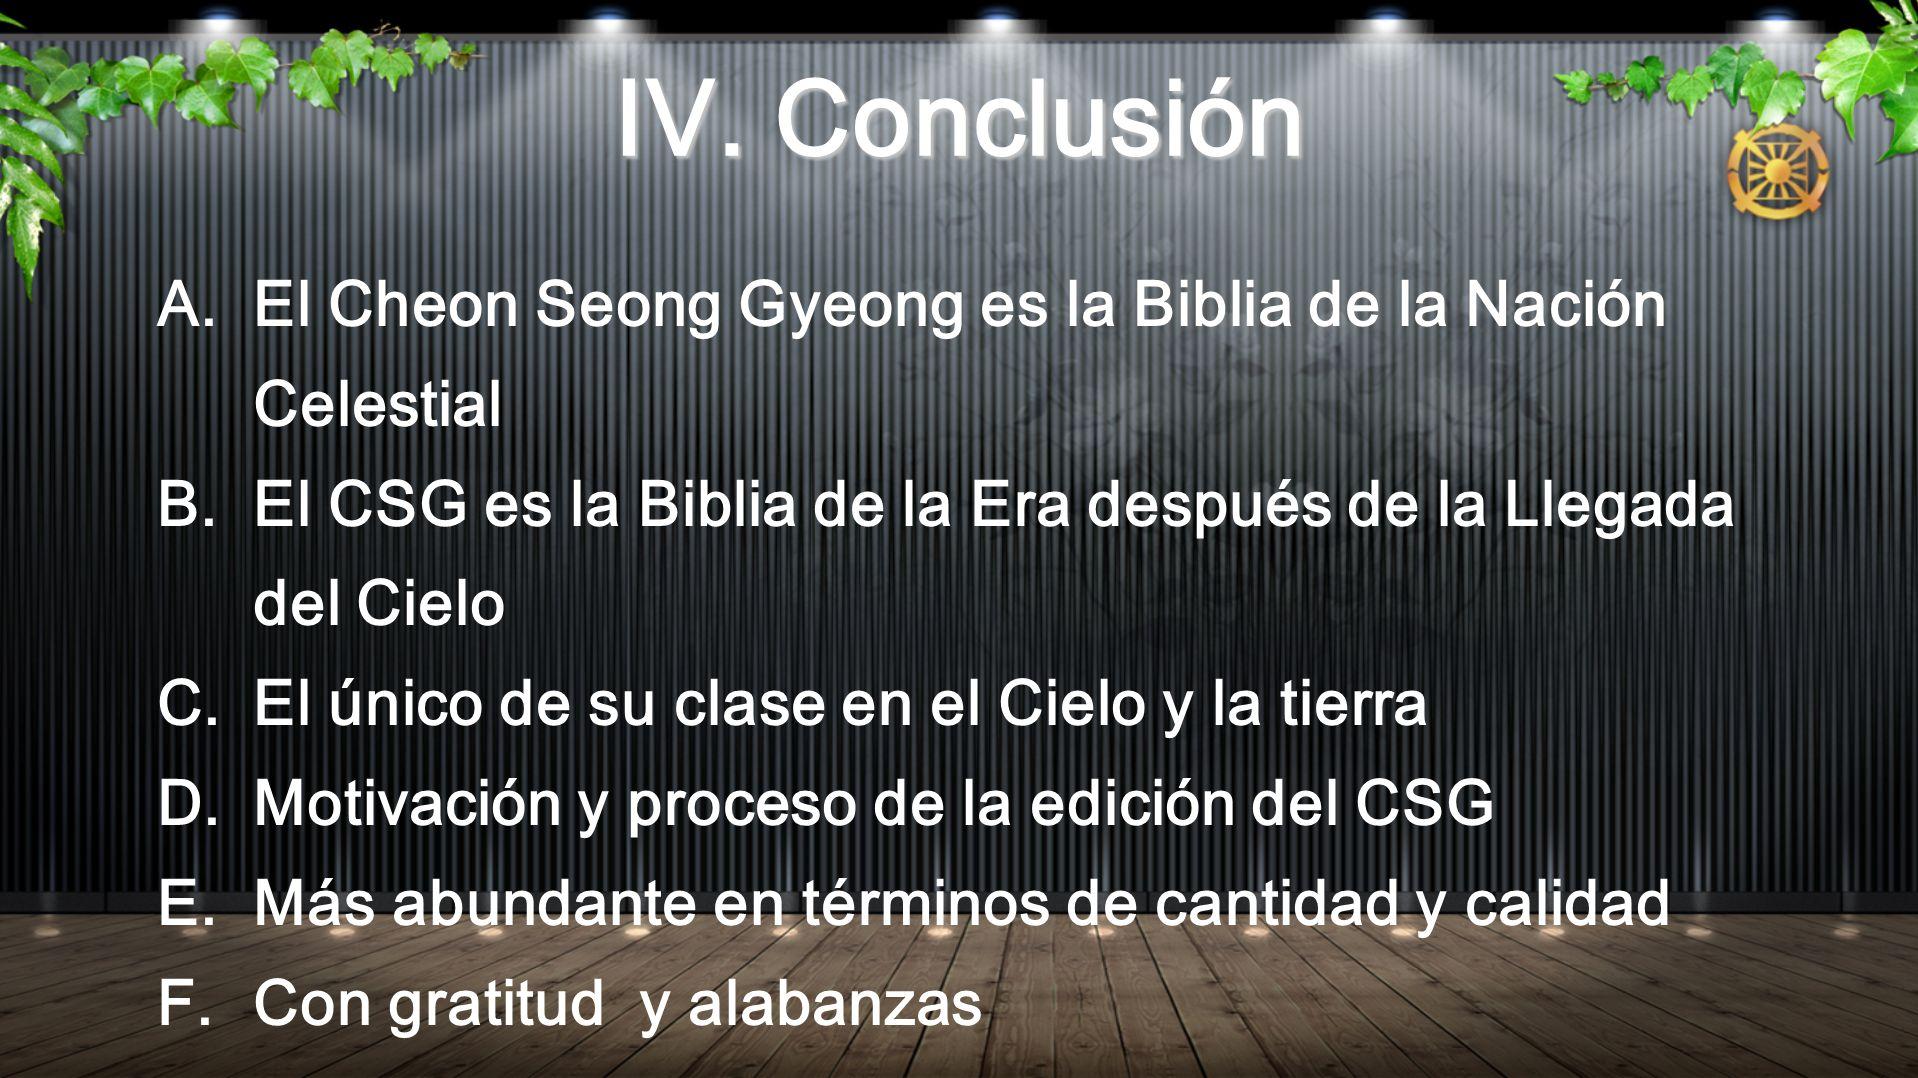 IV. Conclusión El Cheon Seong Gyeong es la Biblia de la Nación Celestial. El CSG es la Biblia de la Era después de la Llegada del Cielo.